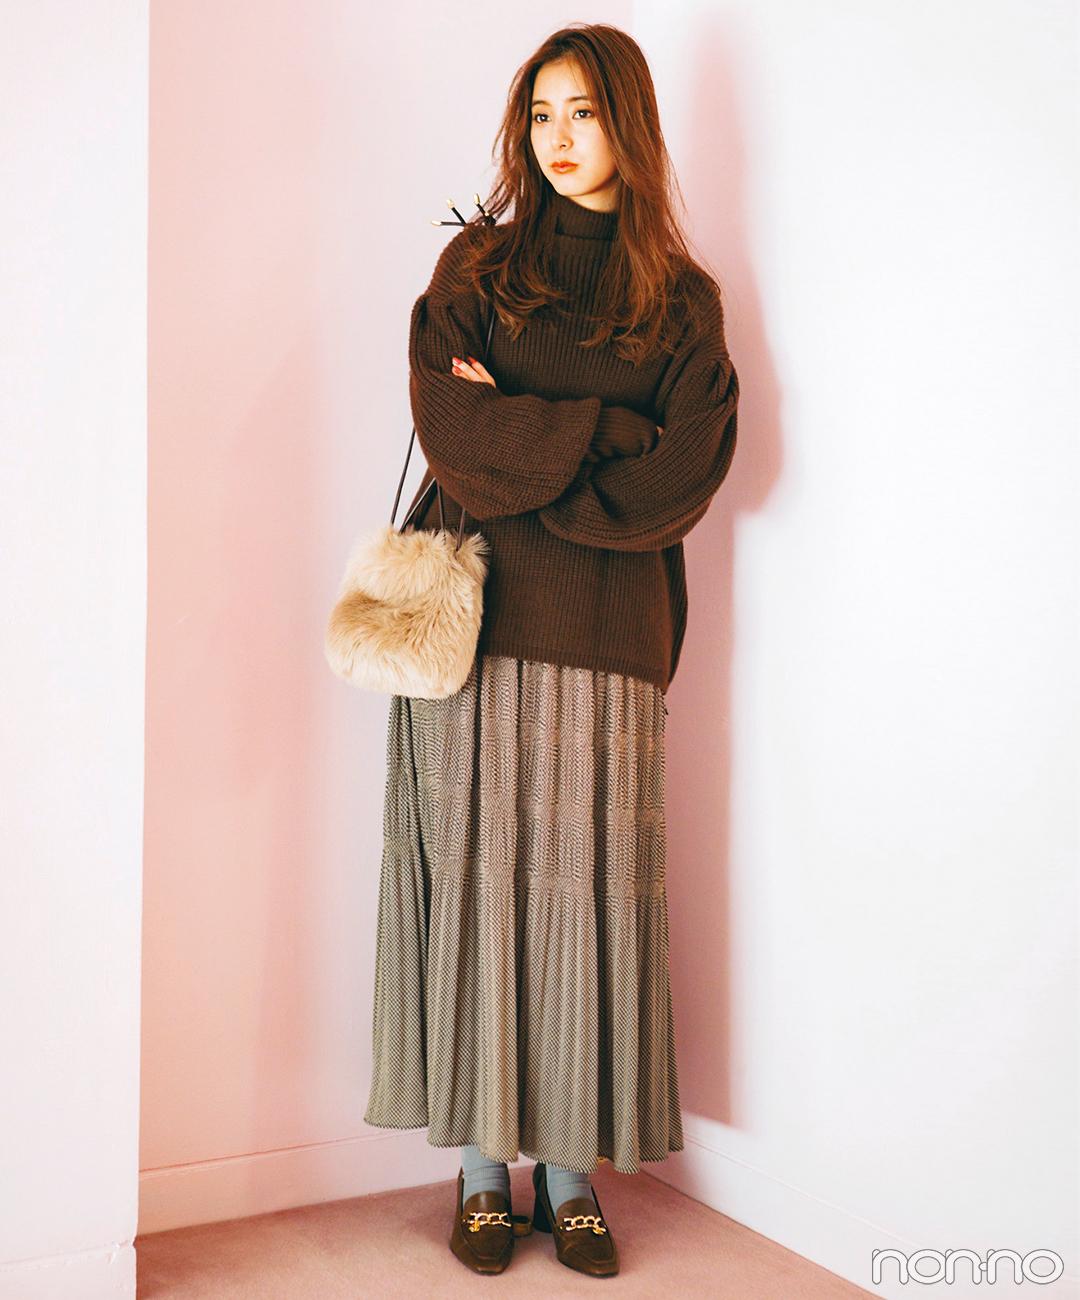 新木優子は旬色ブラウンで秋のきれいめリラクシースタイル【毎日コーデ】